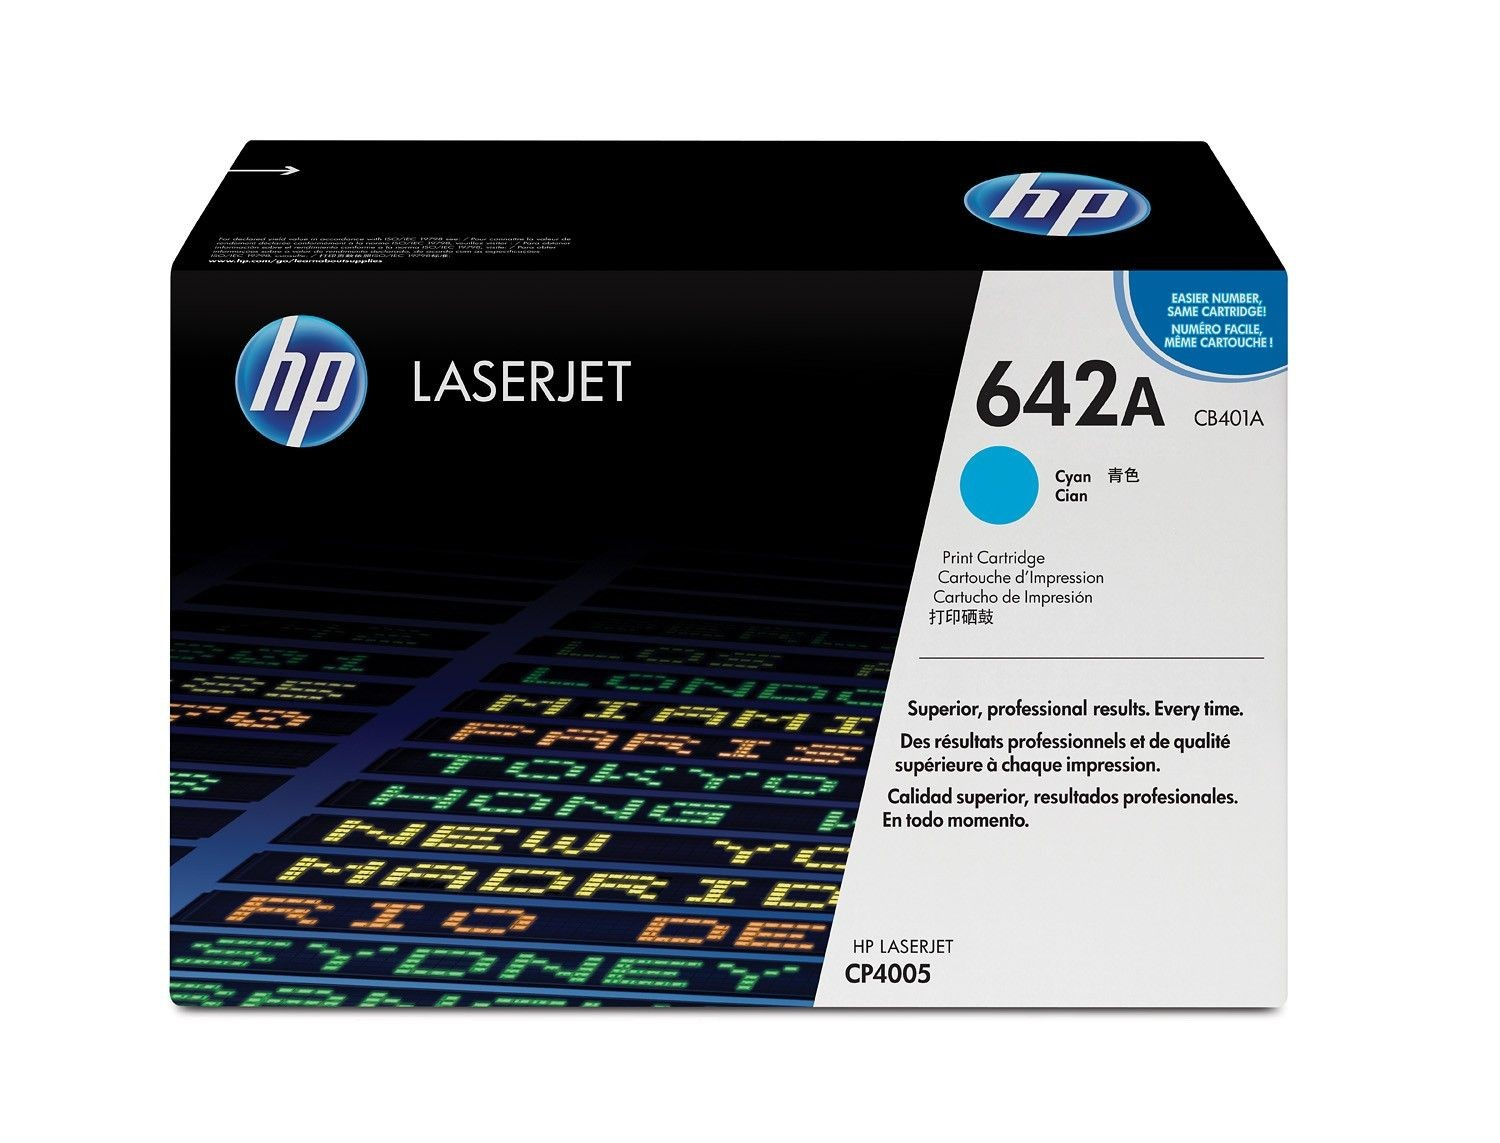 HP Toner/CP4005 cyan 7.5k